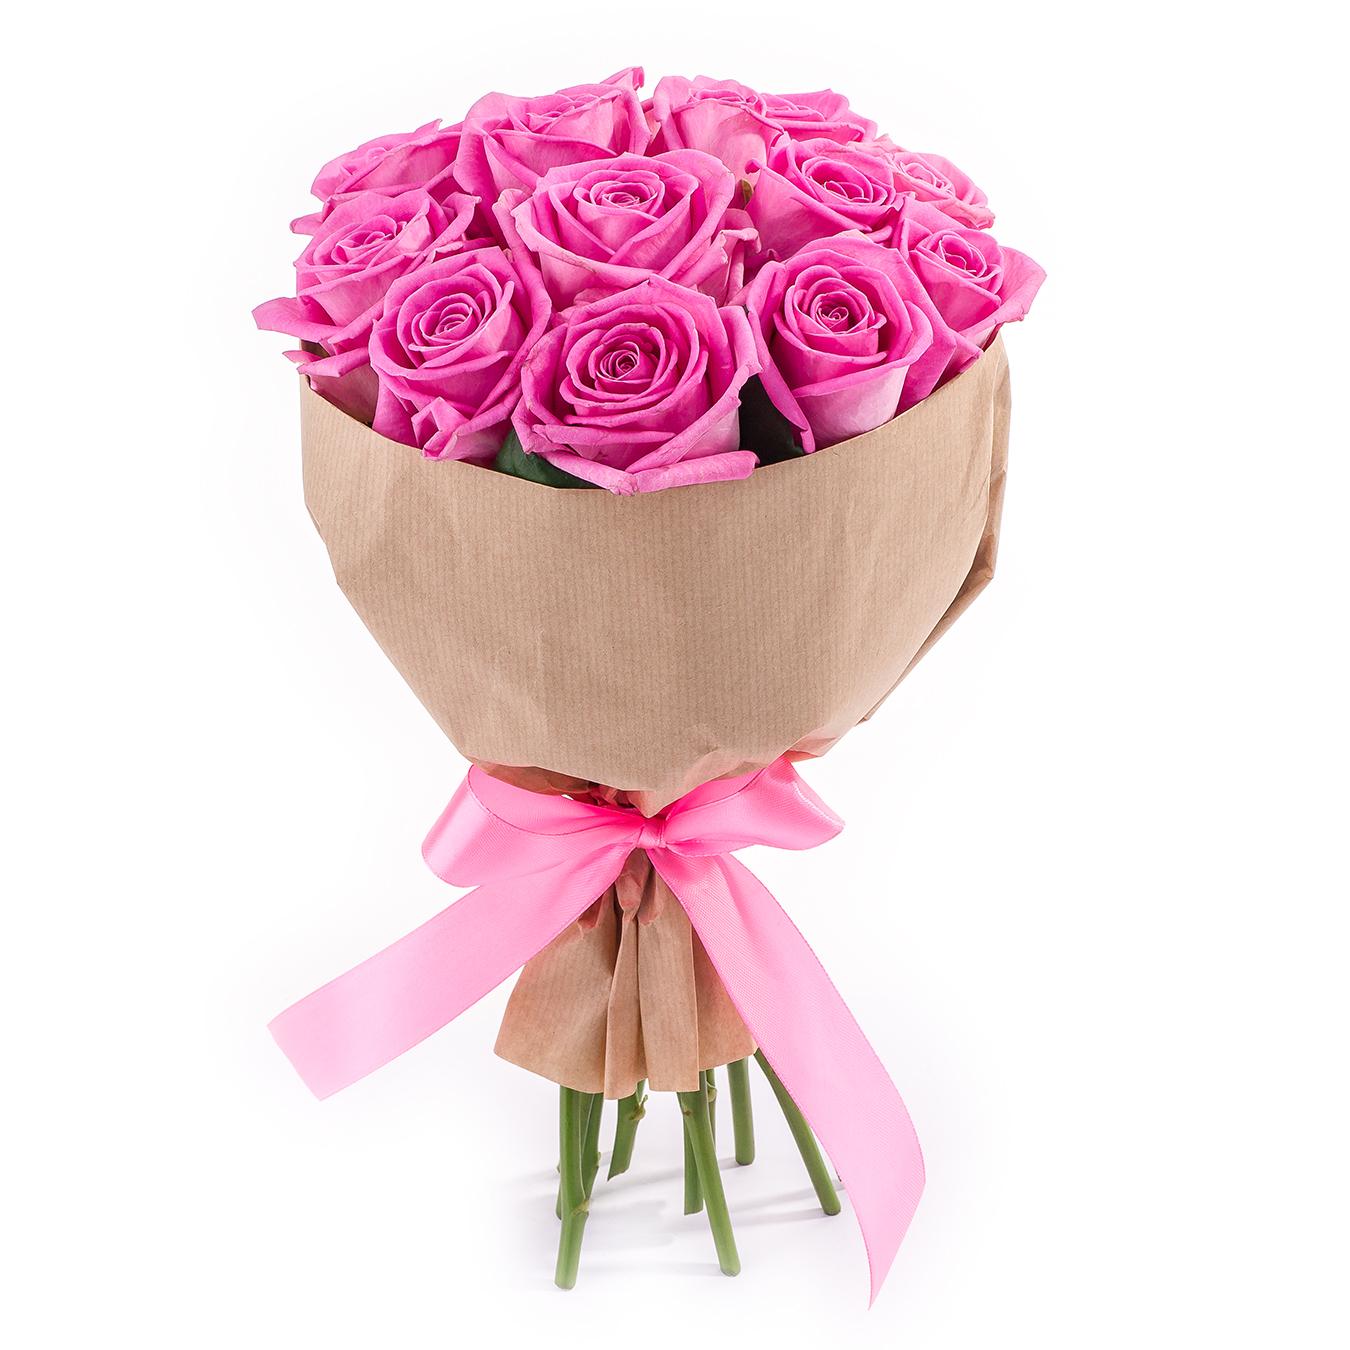 Букет из 13 роз<br>Ингредиенты: Роза (40 см) 13 шт, Крафт 1 шт;